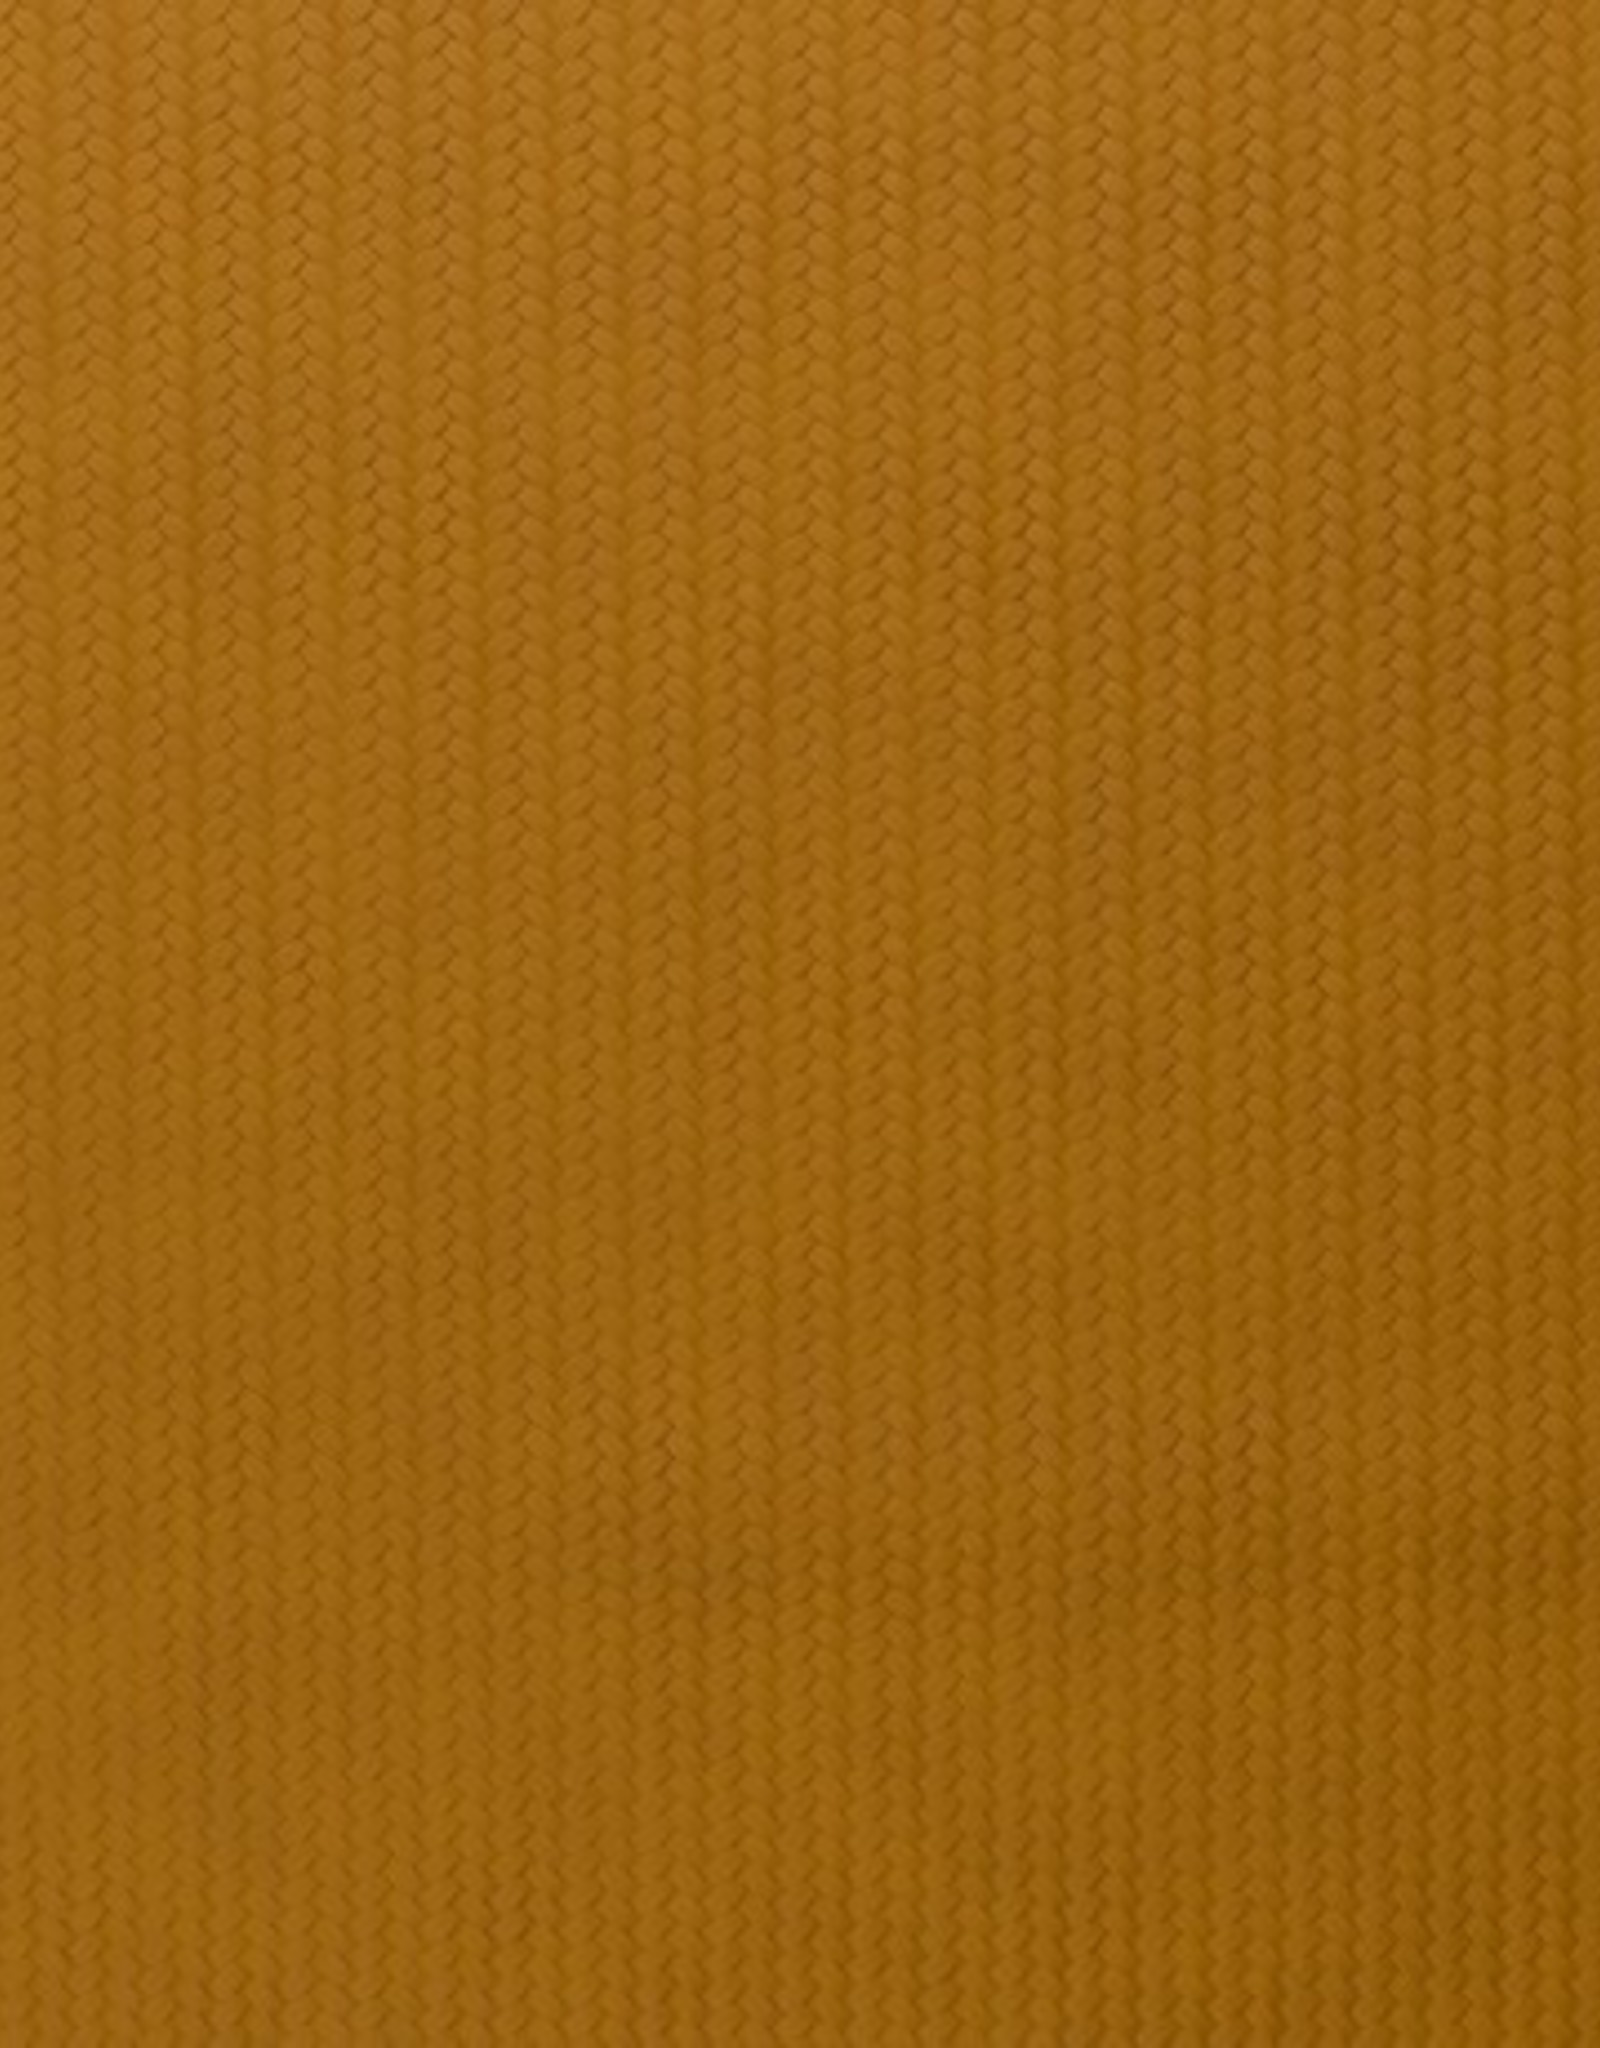 Faux leather gevlochten relief oker